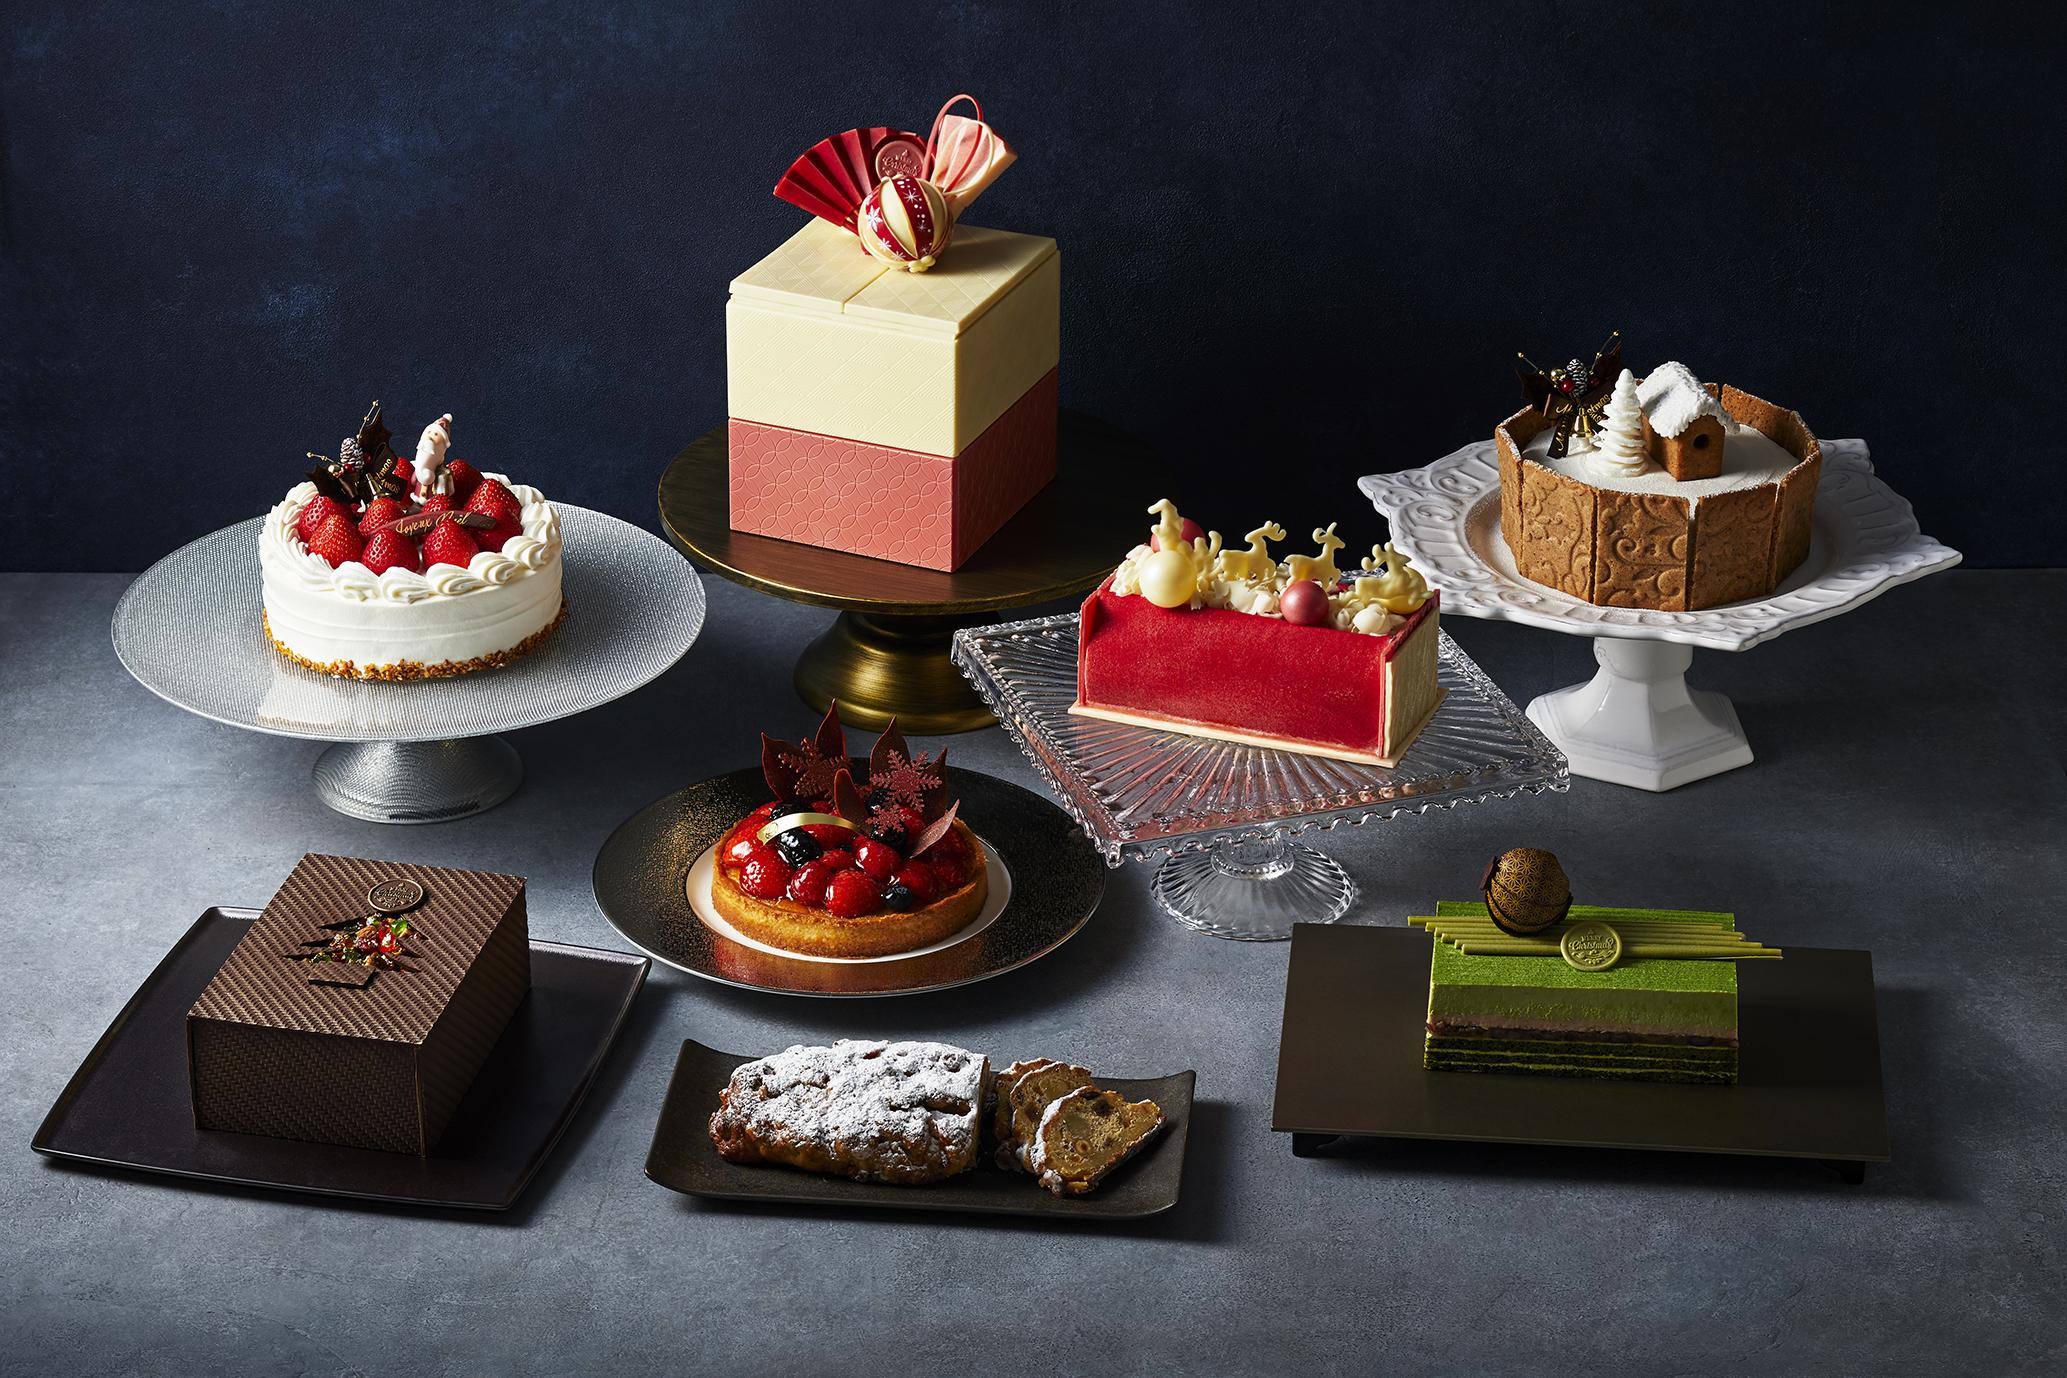 [ホテル雅叙園東京] 2020年のクリスマスケーキ 一挙紹介 10台限定の「玉手箱」も